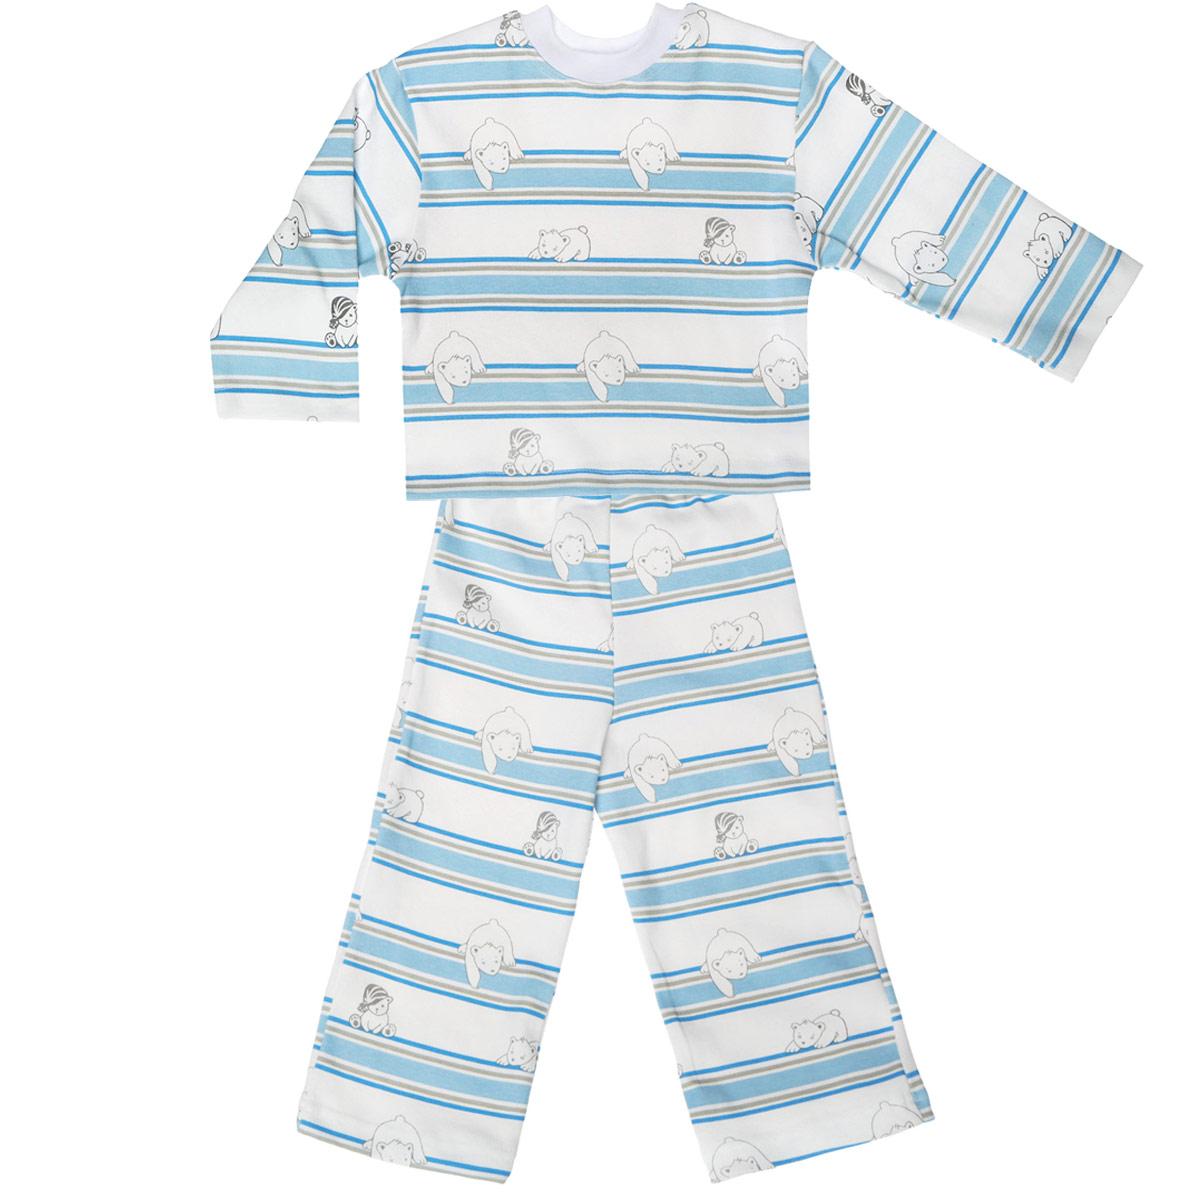 Пижама детская Трон-плюс, цвет: белый, голубой. 5584_мишка, полоска. Размер 98/104, 3-5 лет5584_мишка, полоскаУютная детская пижама Трон-плюс, состоящая из джемпера и брюк, идеально подойдет вашему ребенку и станет отличным дополнением к детскому гардеробу. Изготовленная из натурального хлопка, она необычайно мягкая и легкая, не сковывает движения, позволяет коже дышать и не раздражает даже самую нежную и чувствительную кожу ребенка. Джемпер с длинными рукавами и круглым вырезом горловины оформлен ненавязчивым принтом в полоску, а также изображением медвежат. Вырез горловины дополнен трикотажной эластичной резинкой.Брюки на талии имеют эластичную резинку, благодаря чему не сдавливают живот ребенка и не сползают. Оформлены брючки также ненавязчивым принтом в полоску и изображением медвежат. В такой пижаме ваш ребенок будет чувствовать себя комфортно и уютно во время сна.